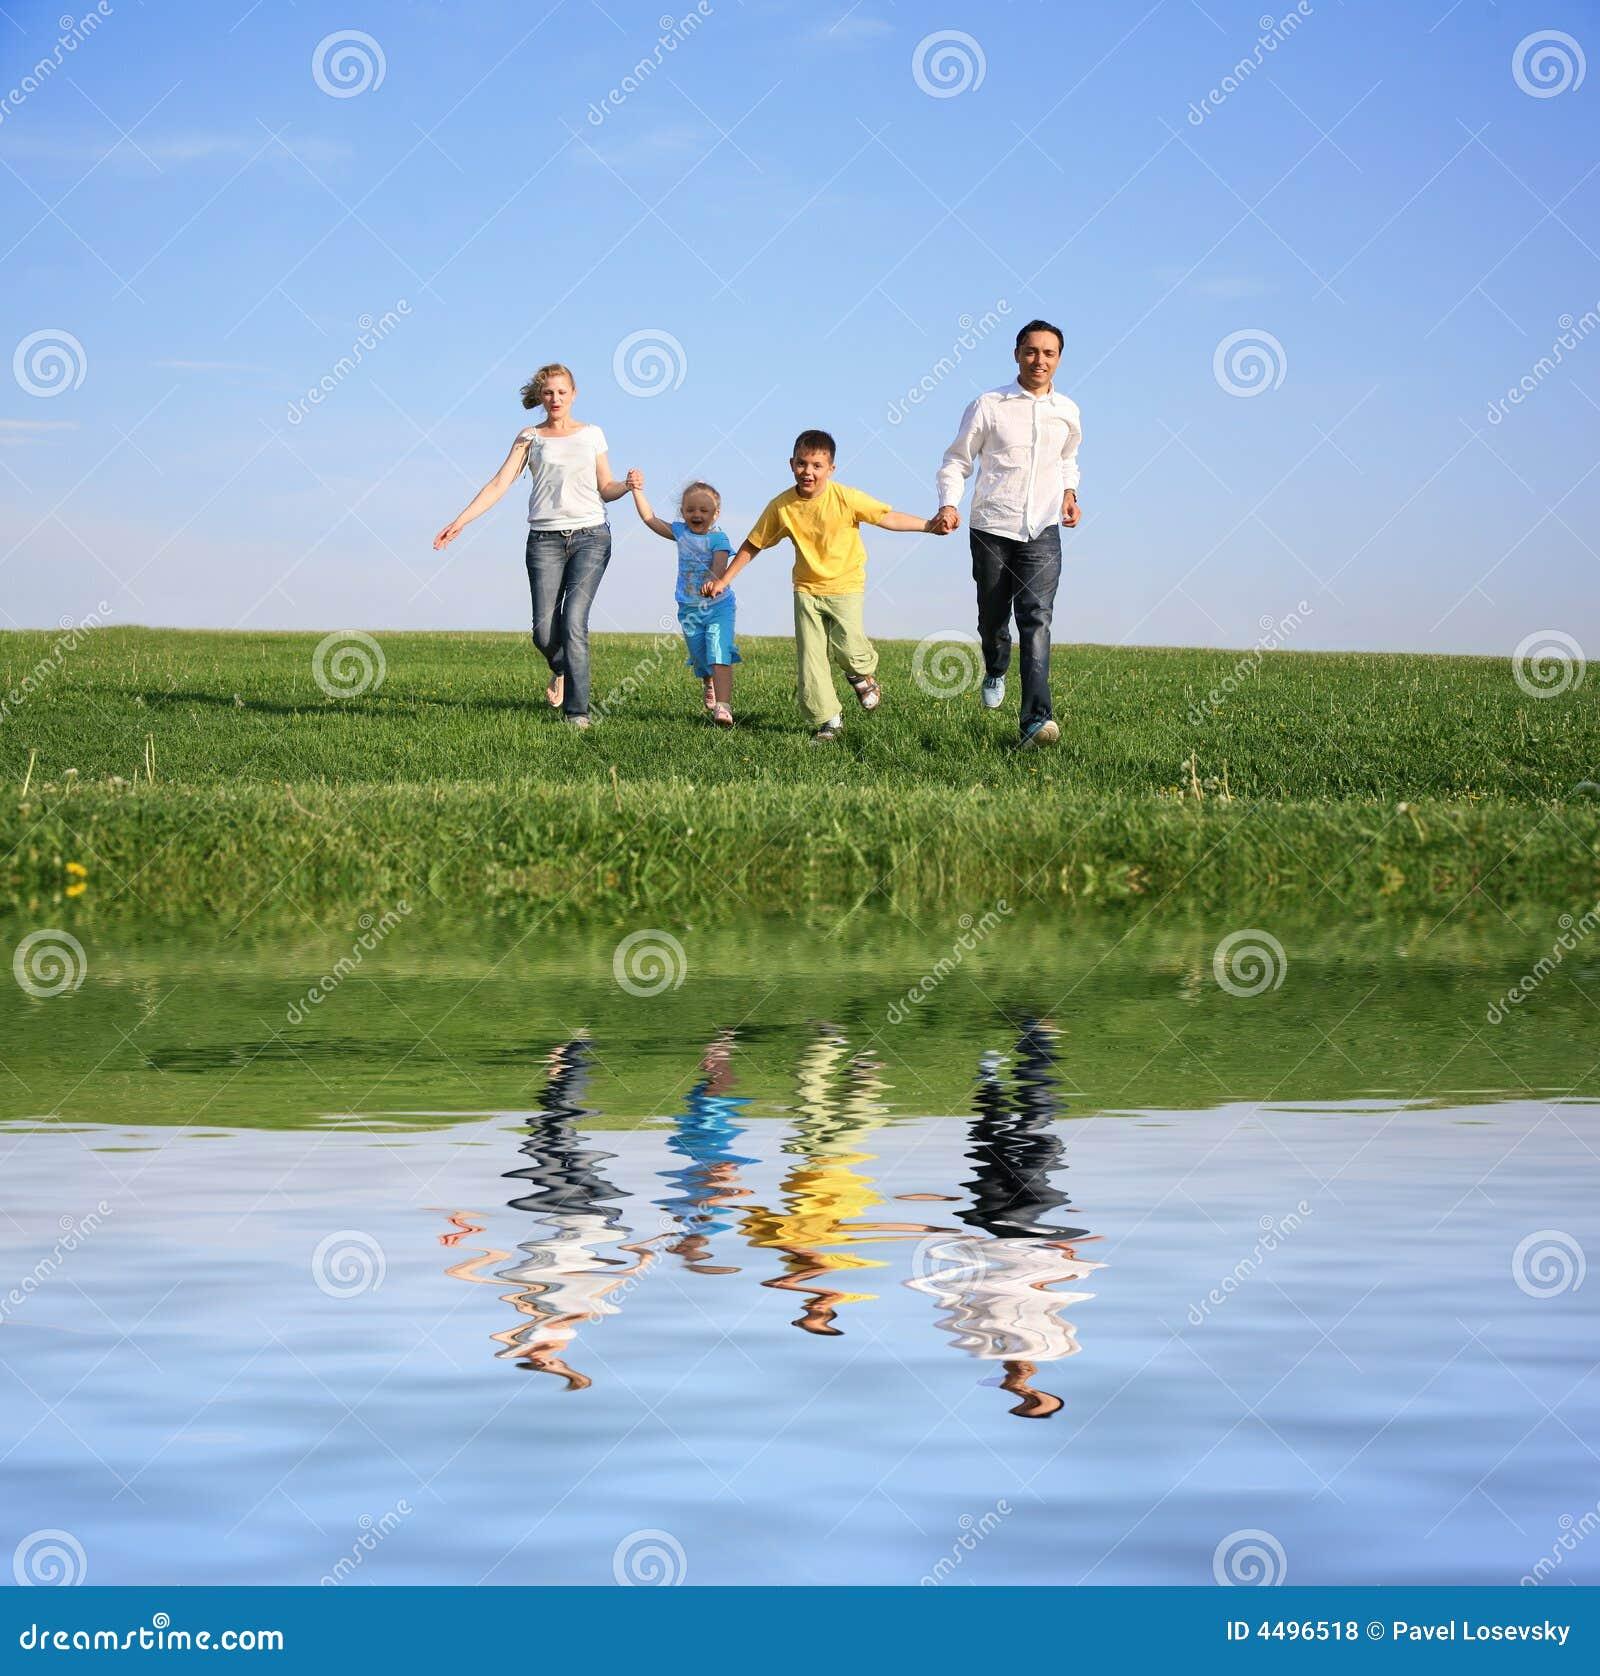 Family of four running